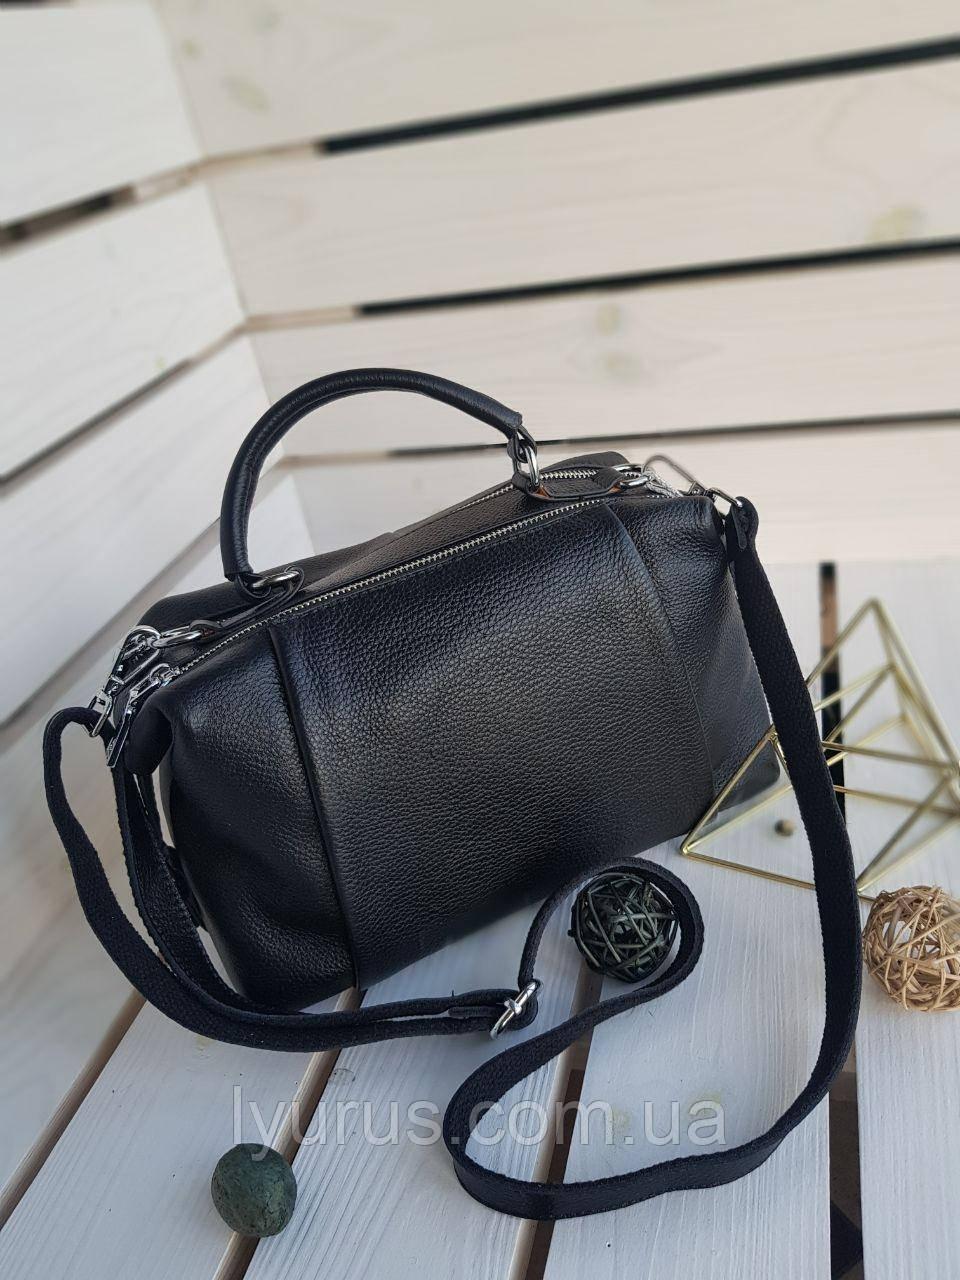 Кожаная женская сумка размером 25х30 см Черная